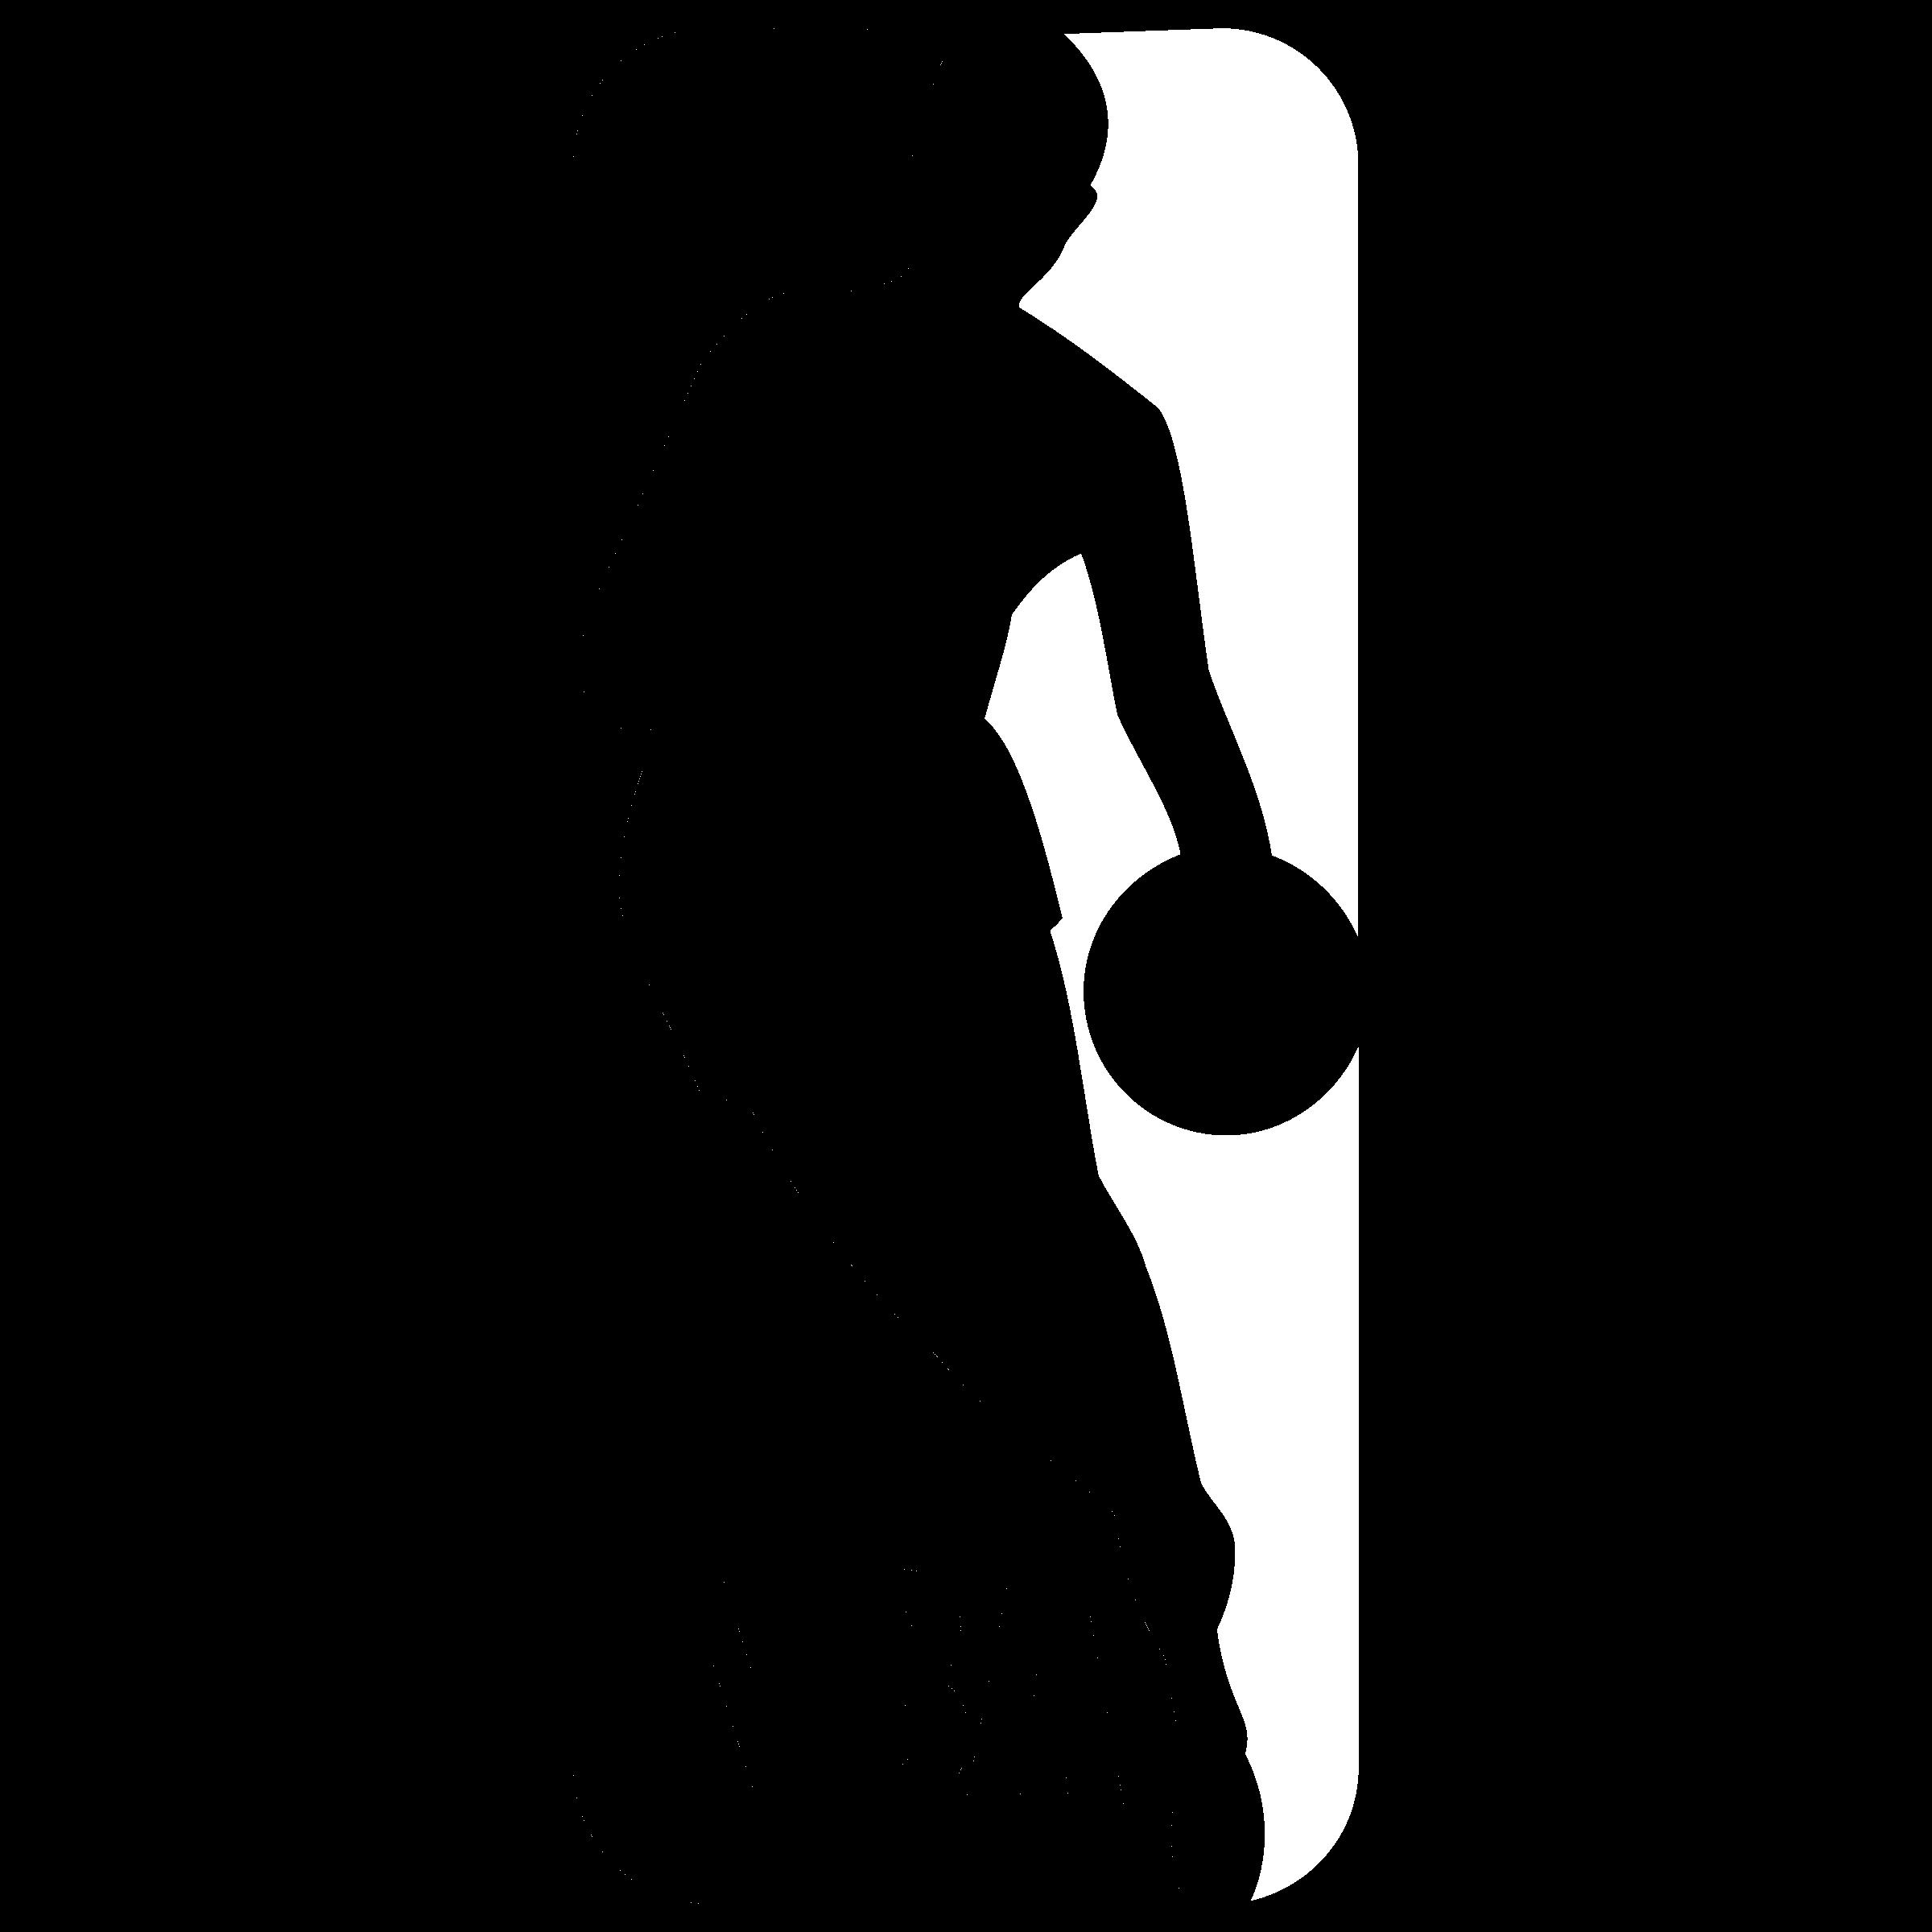 Nba Logo Transparent Png.